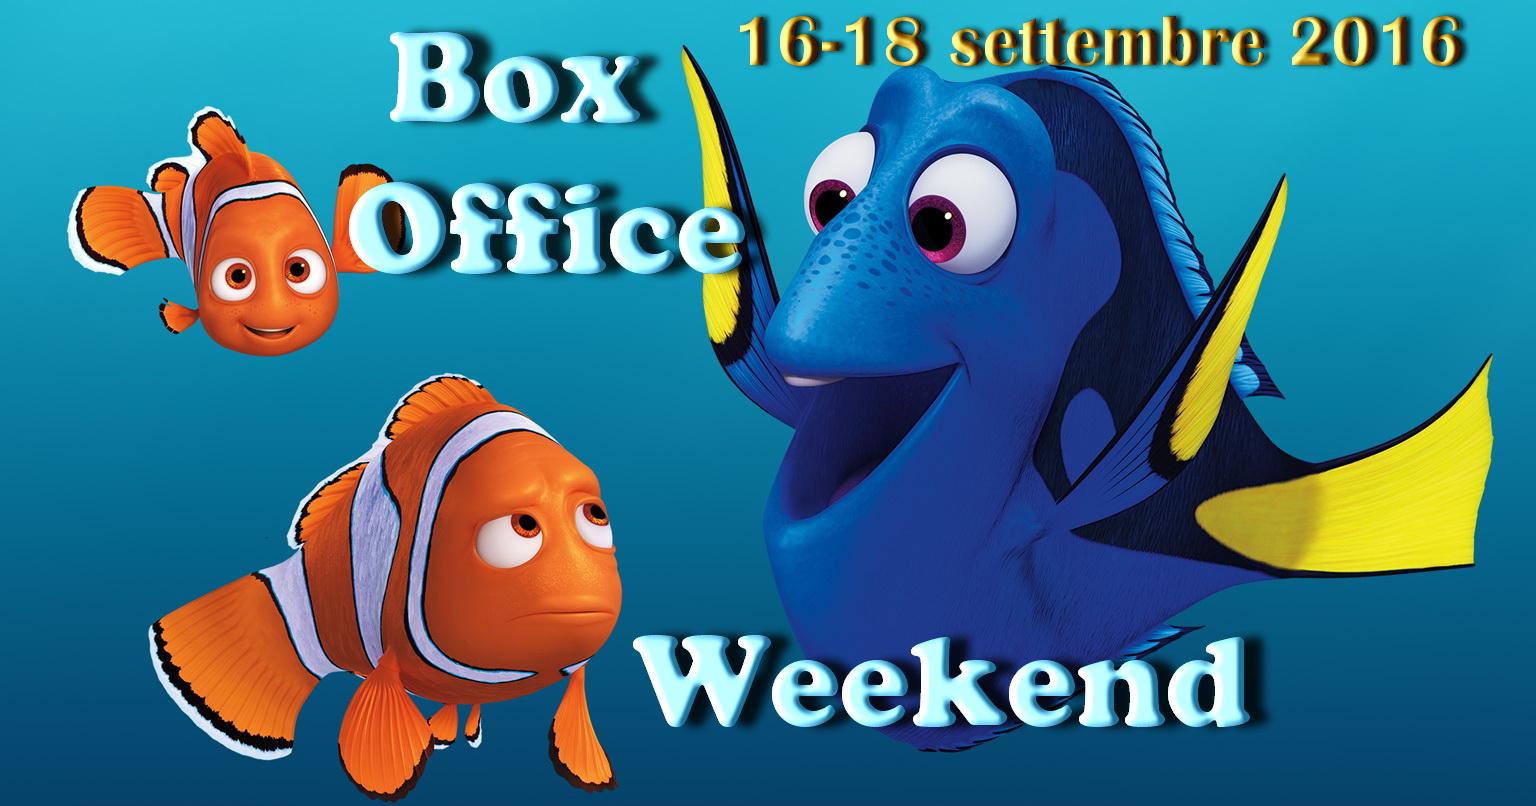 """Terzo appuntamento di settembre con la rubrica """"Box Office Weekend"""", dedicata agli incassi del fine settimana cinematografico. Esordio clamoroso ma ampiamente previsto per Alla ricerca di Dory (leggi la recensione), […]"""